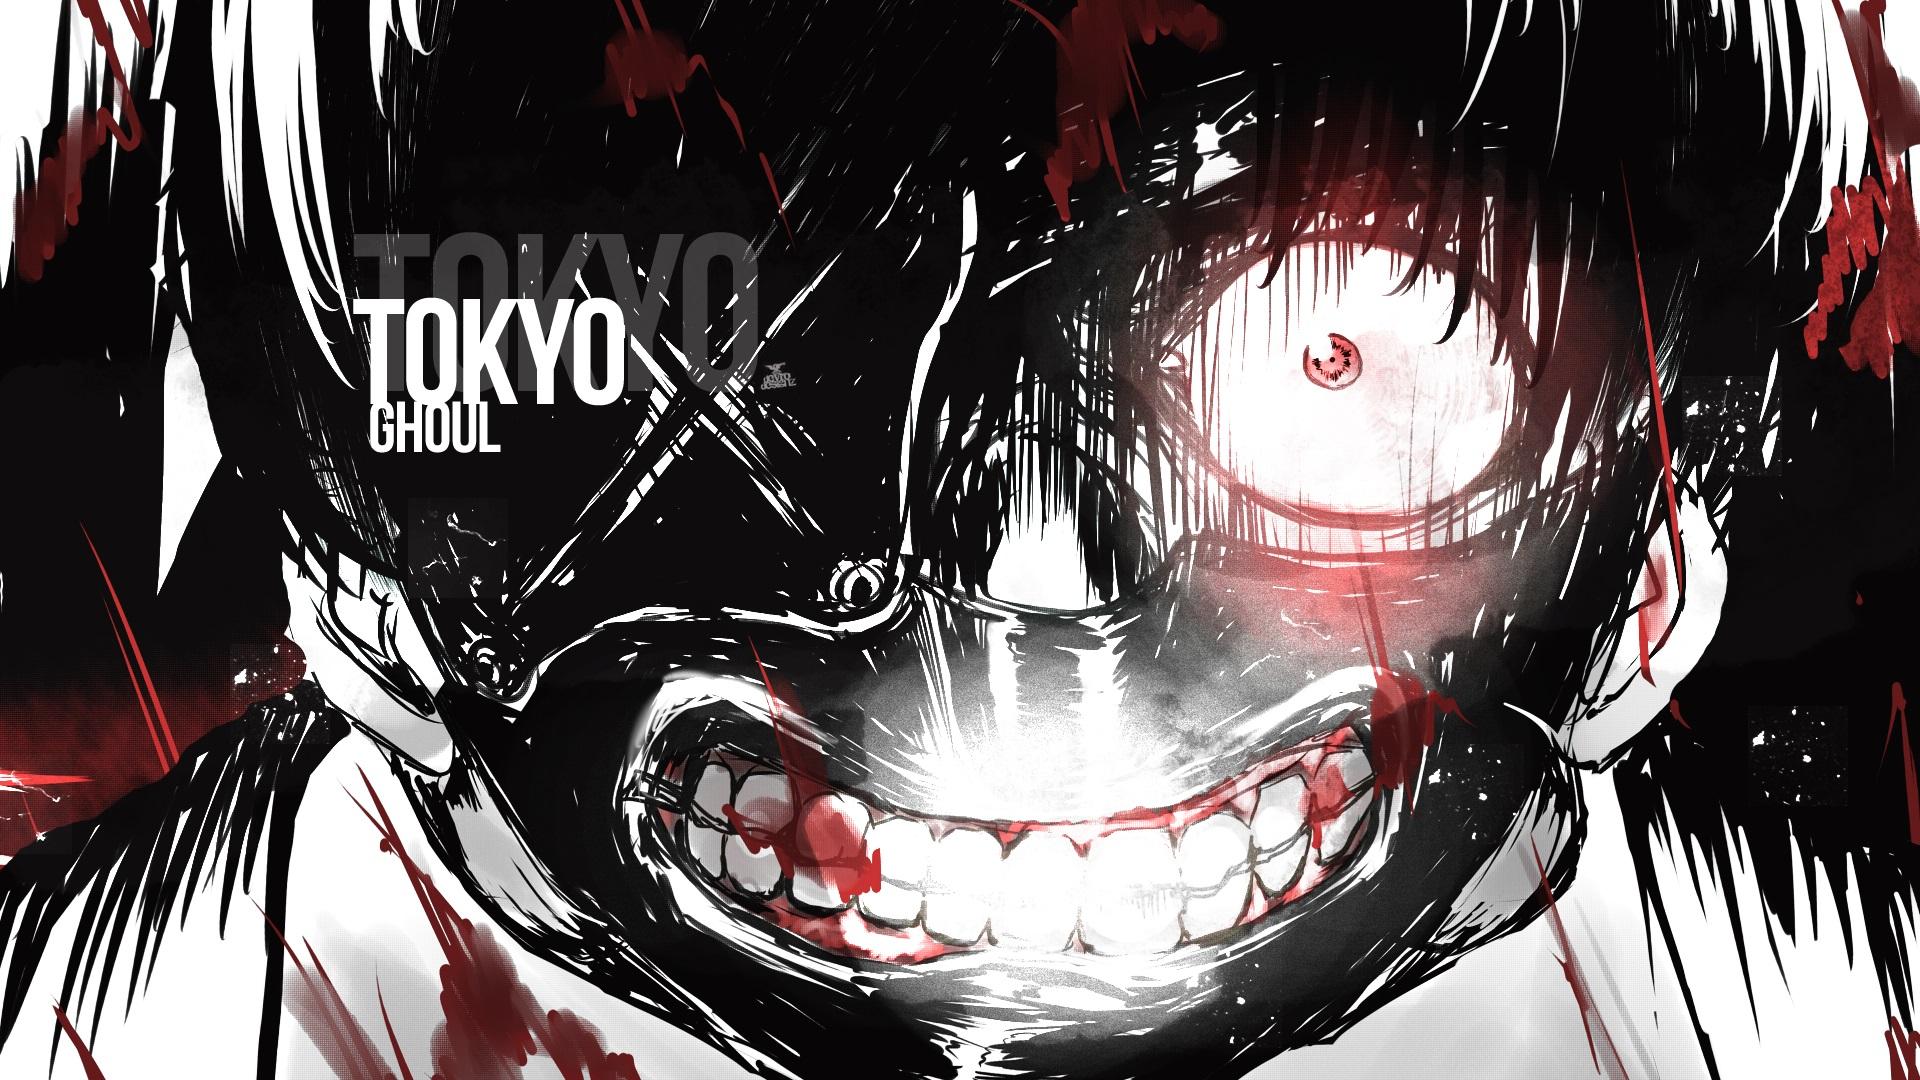 Tokyo Ghoul wallpaper 3